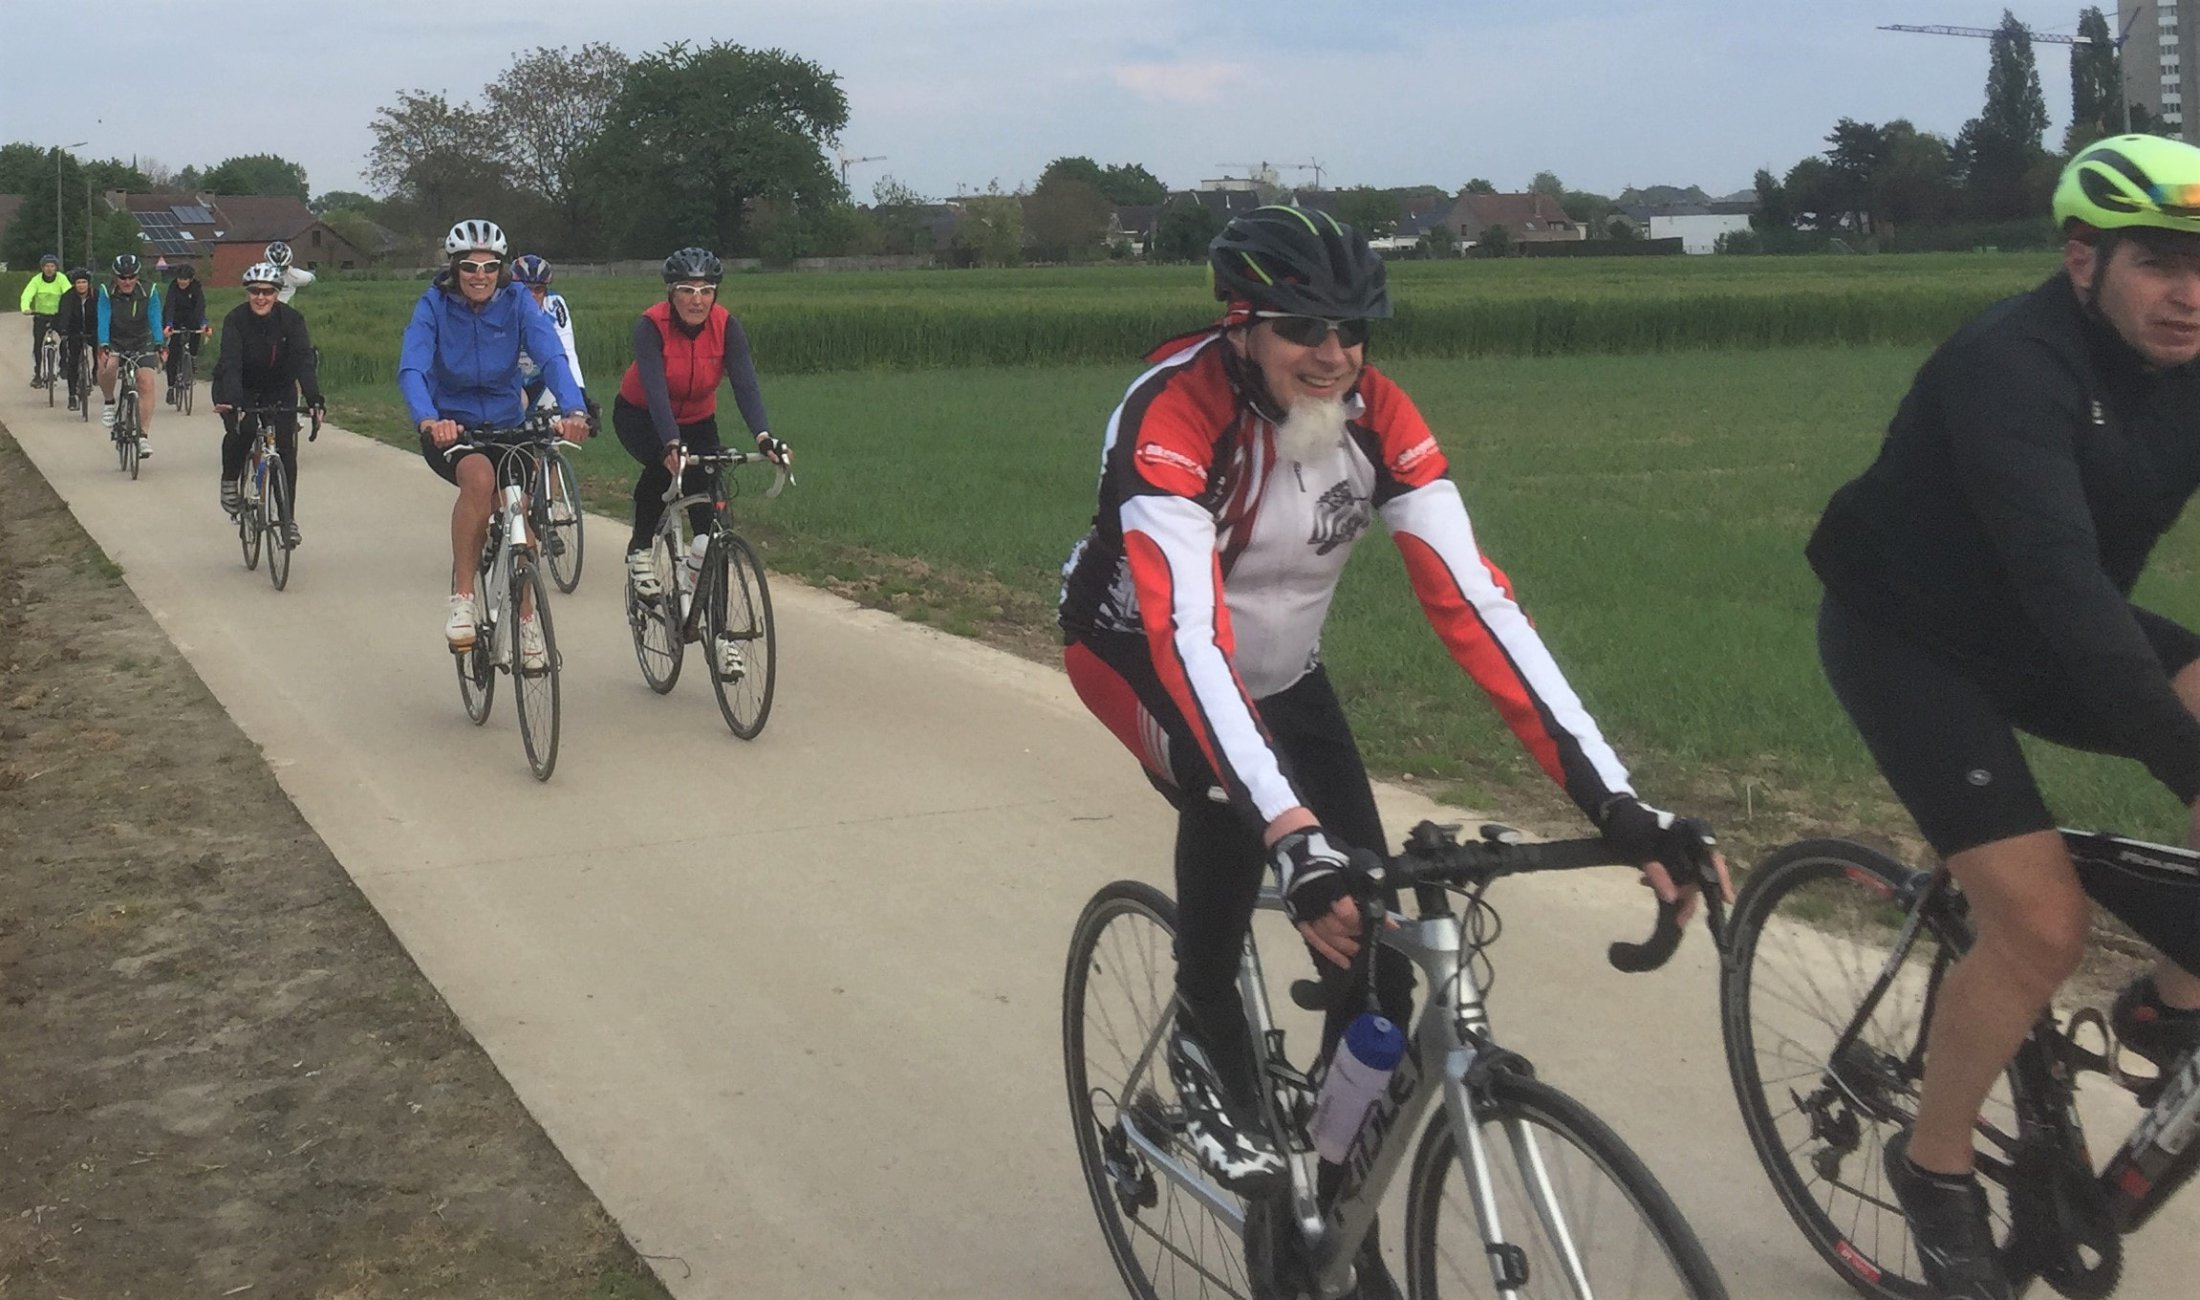 ritje tijdens de start to cycle langs mooie wegen - 2